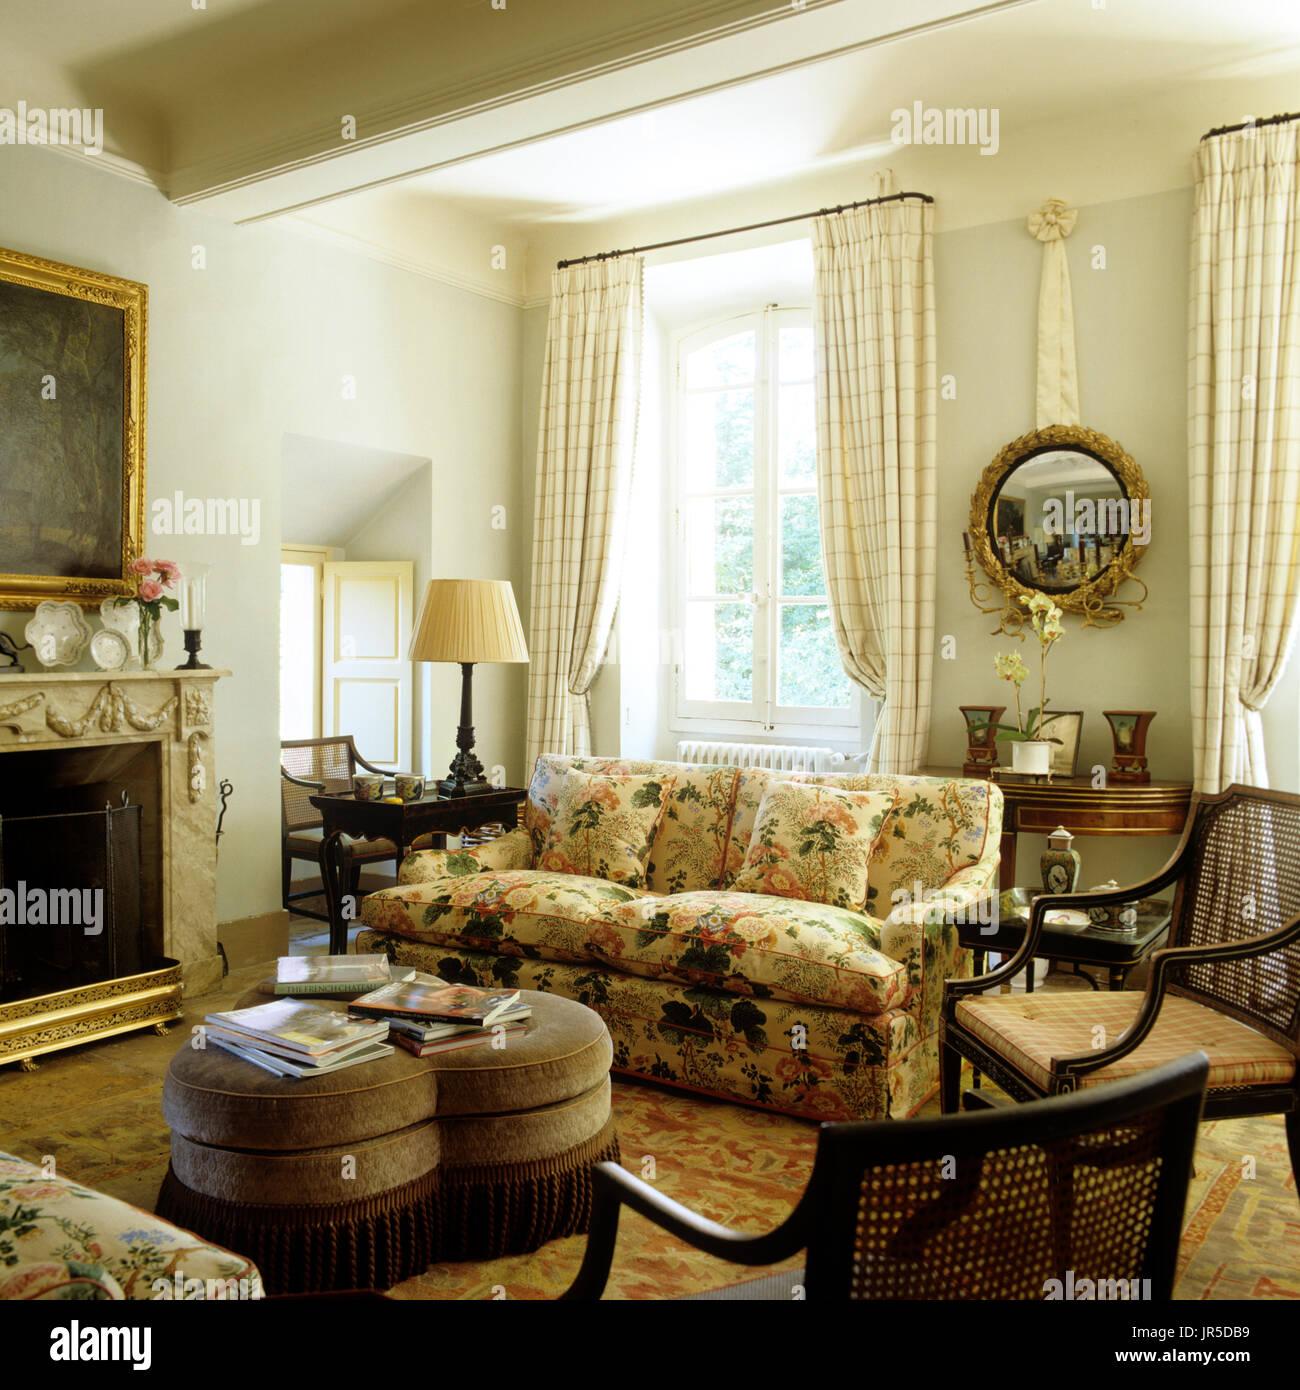 Captivating Edwardian Style Living Room